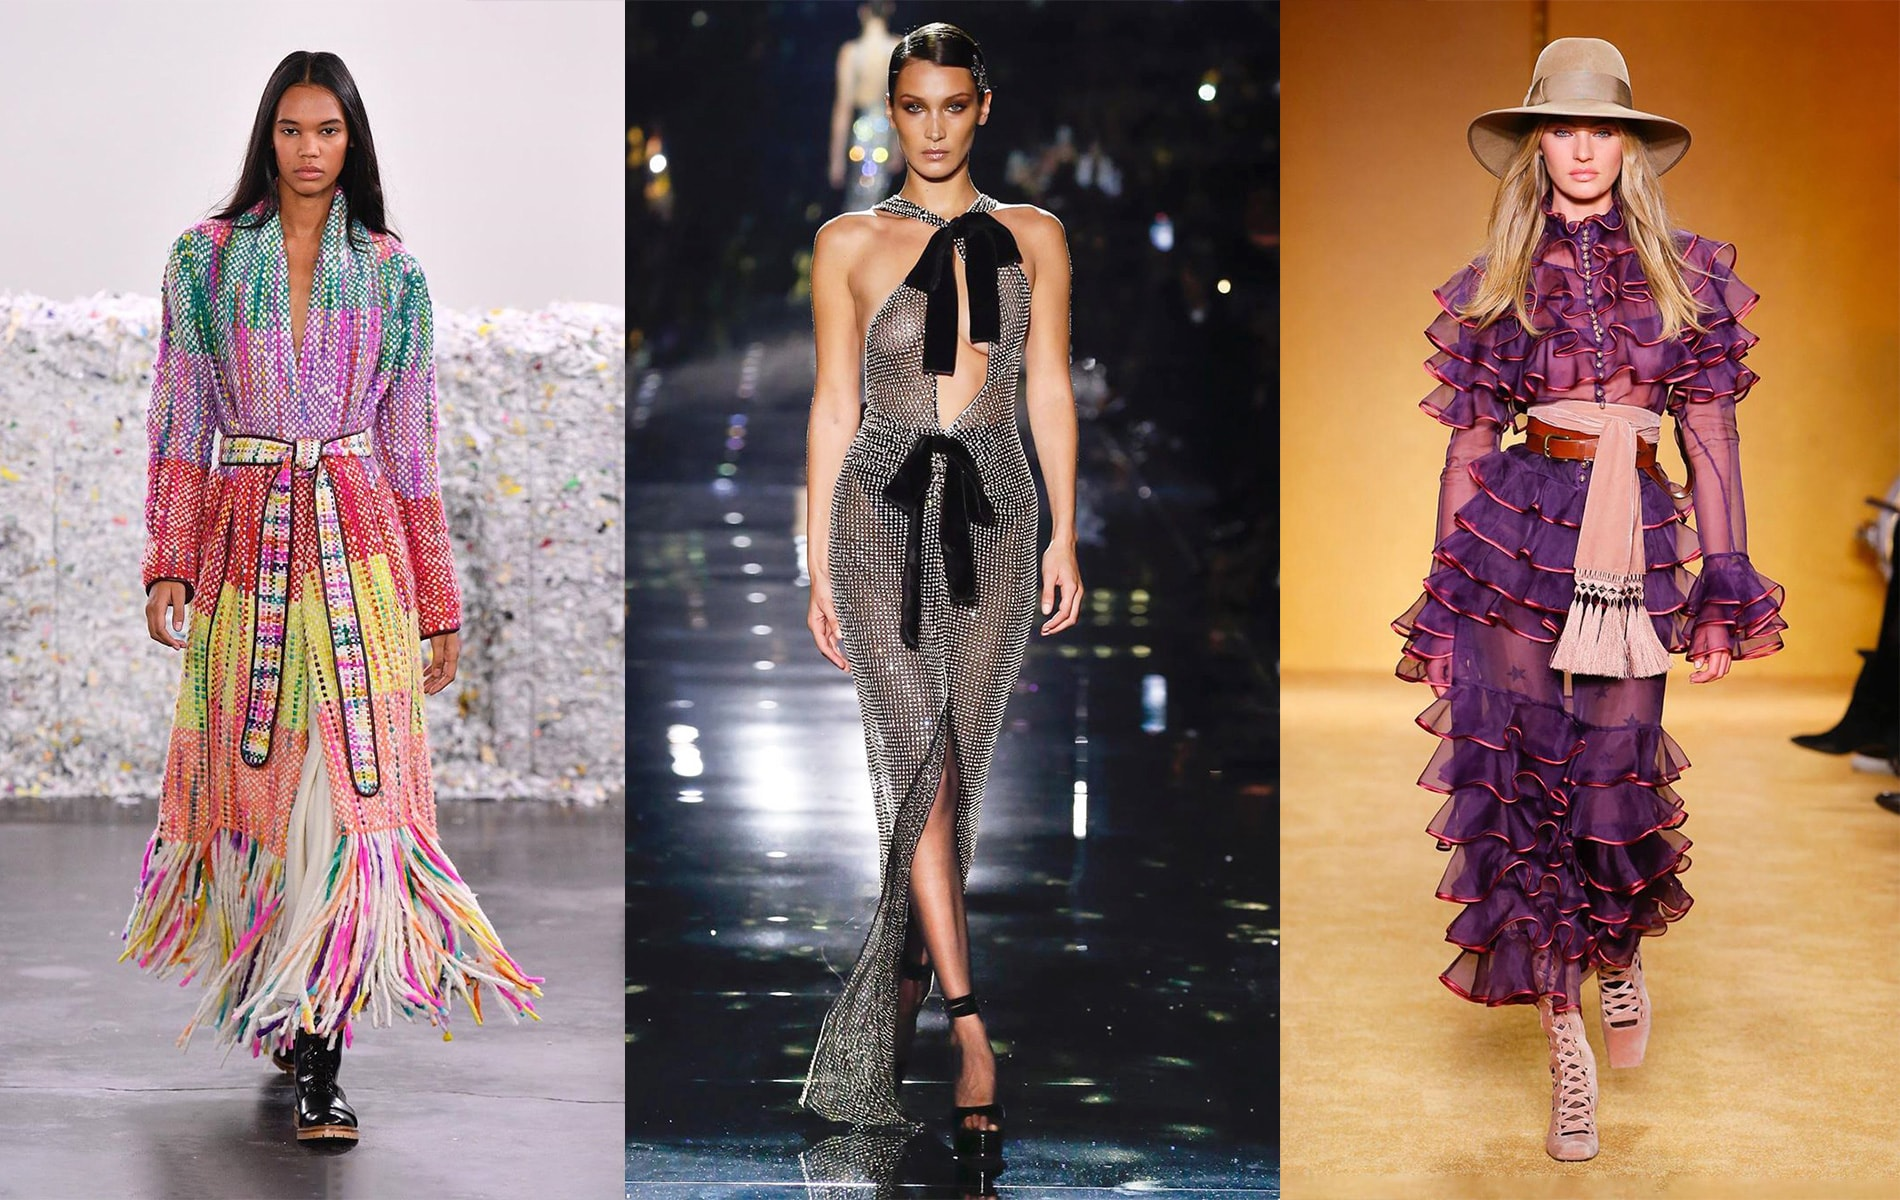 VIE Magazine, NYFW, New York Fashion Week, Gabriela Hearst, Tom Ford, Bella Hadid, Zimmermann, NYFW FW 2020